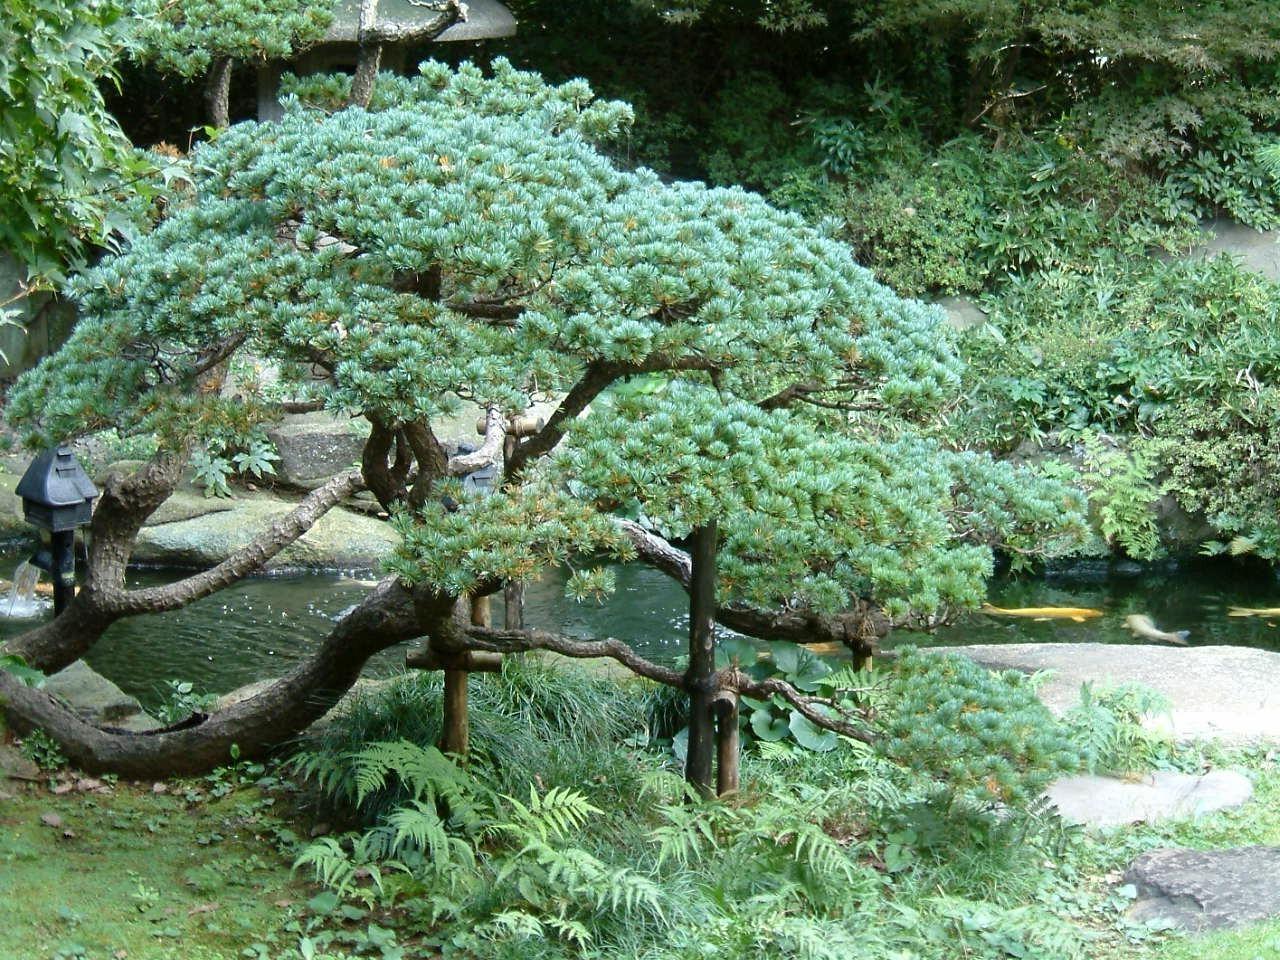 hintergrundbilder b ume pflanzen ast fichte bonsai nadelbaum baum blume 1280x960 px. Black Bedroom Furniture Sets. Home Design Ideas